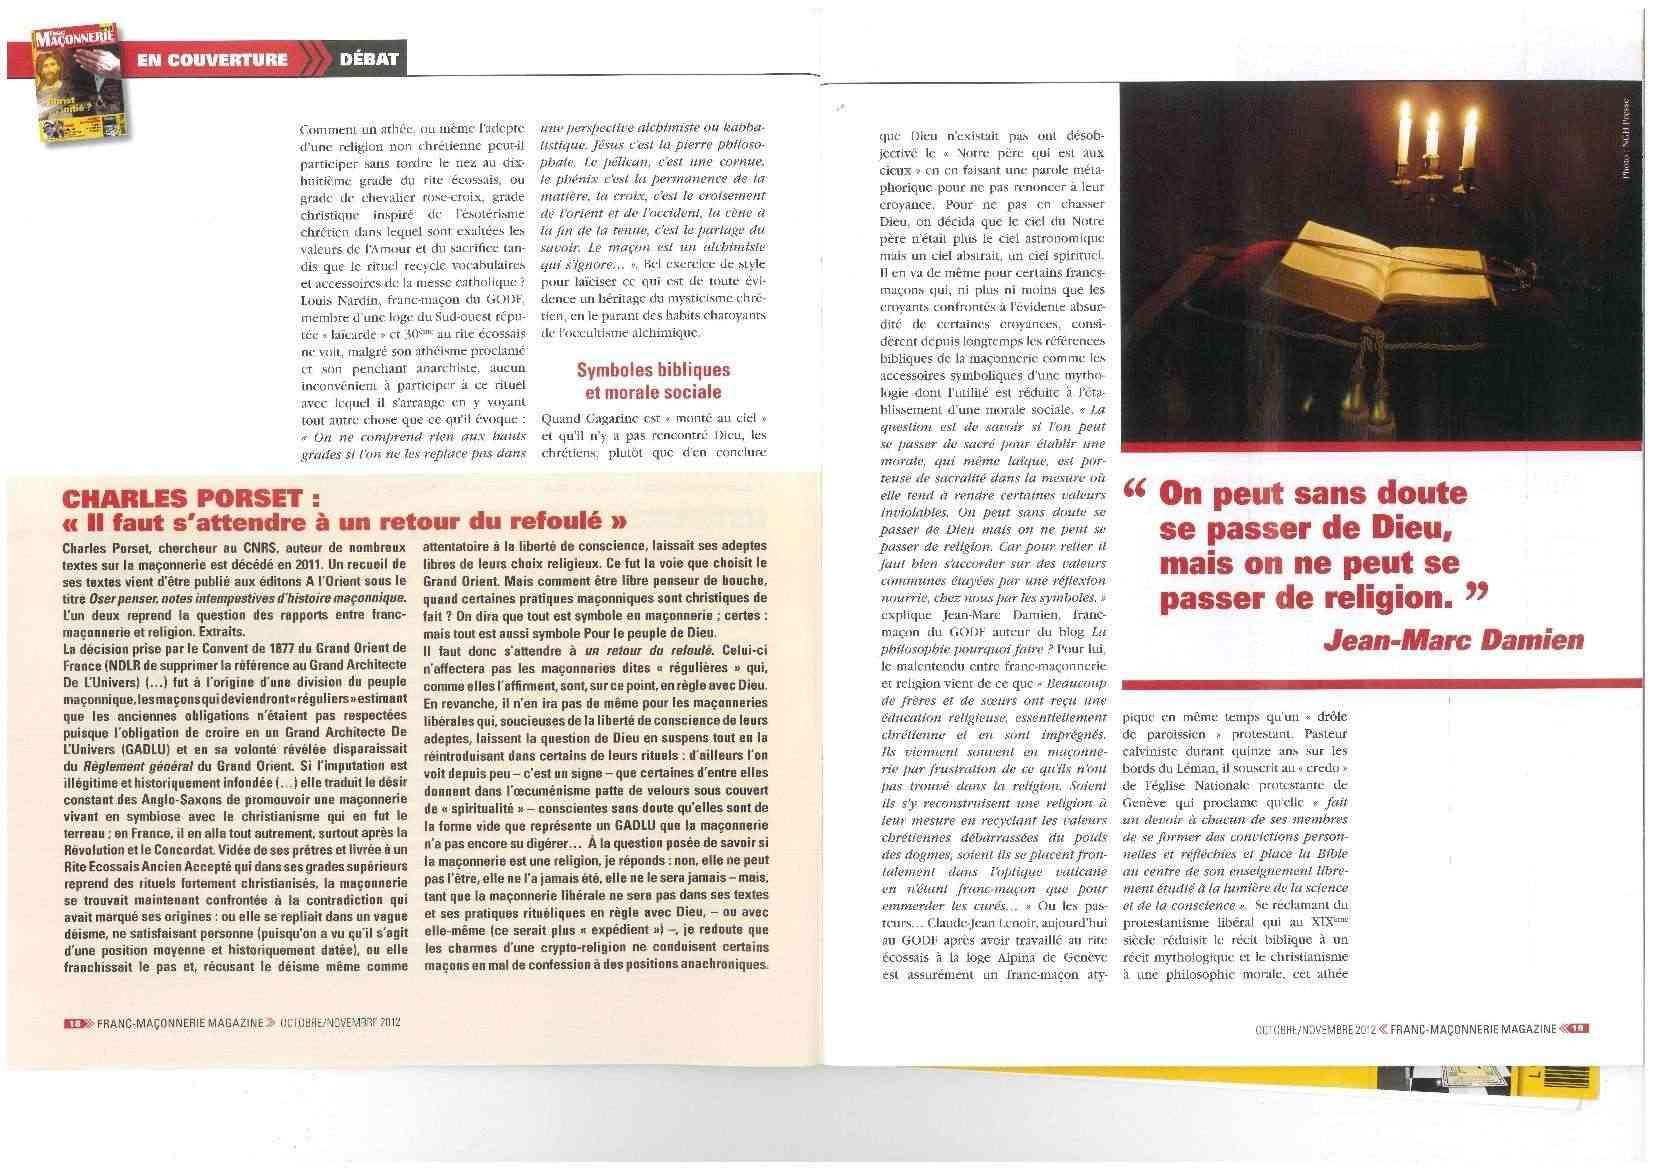 Le Christ est-il un initié ? Fmj5_110